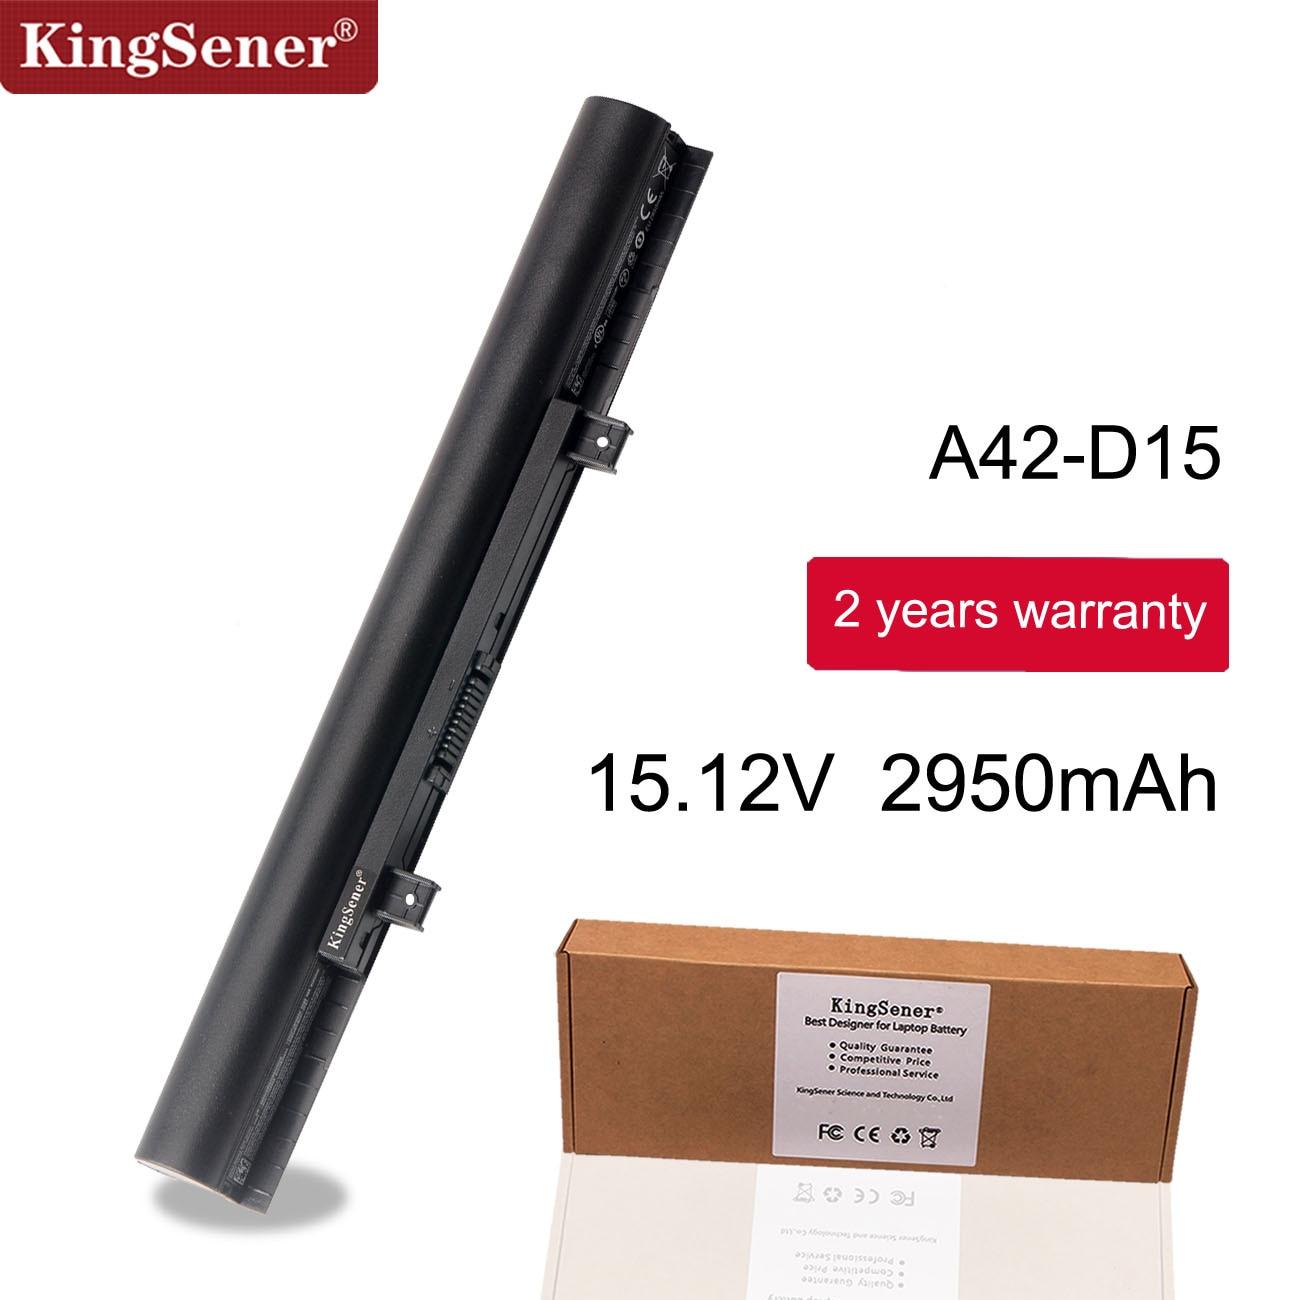 Kingsener A41-D15 For Medion Akoya E6411 E6422 E6421 E6417 E6421 P6659 P6670 E6424 P6657 ERAZER P6661 A42-D15 A42-D17 A31-D15